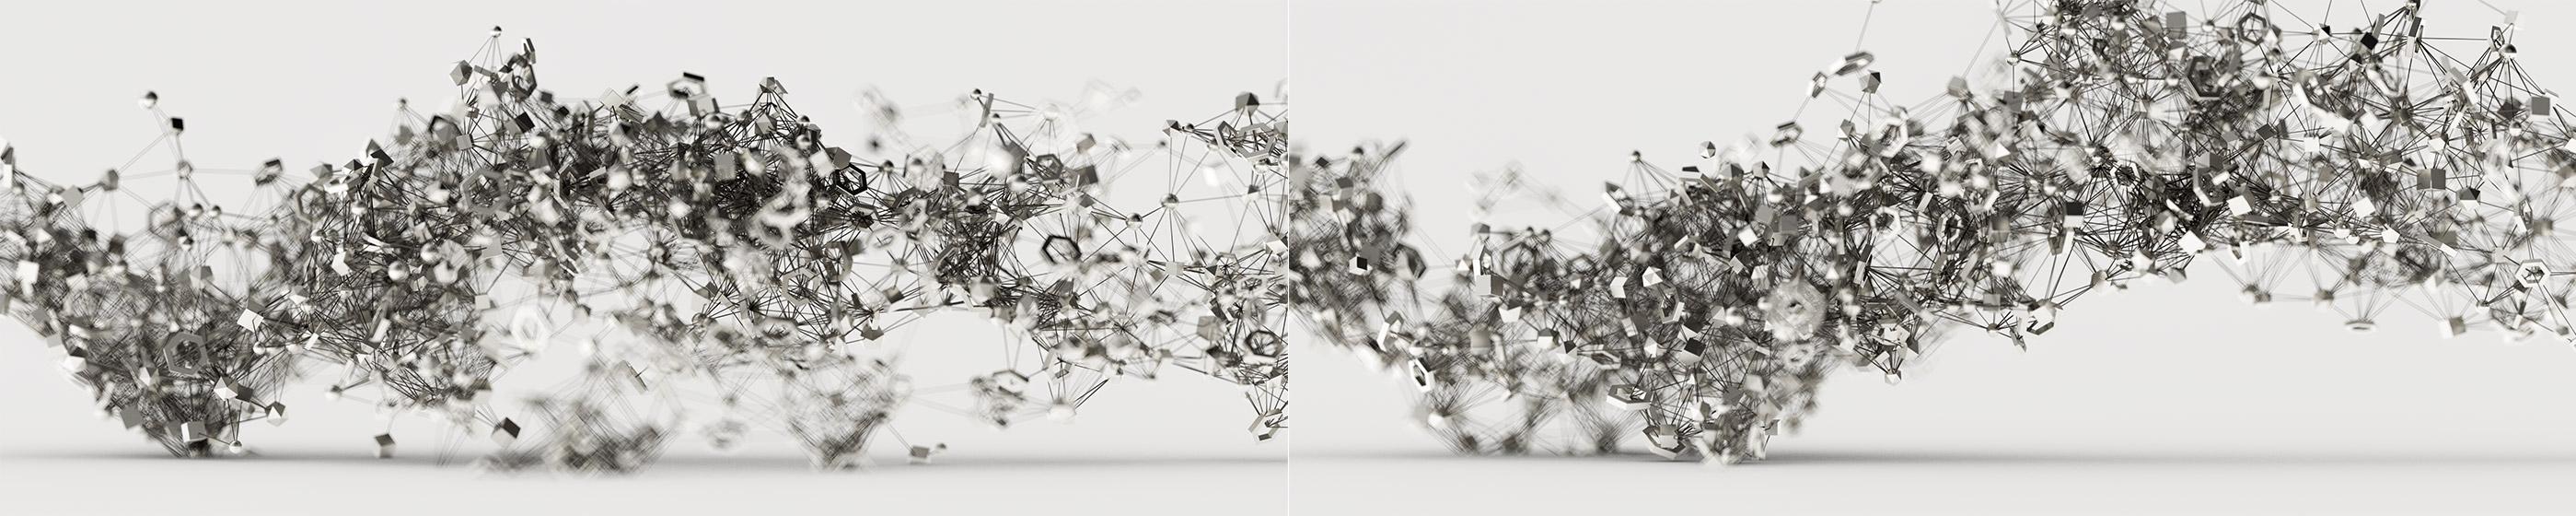 vortex-render-003.jpg